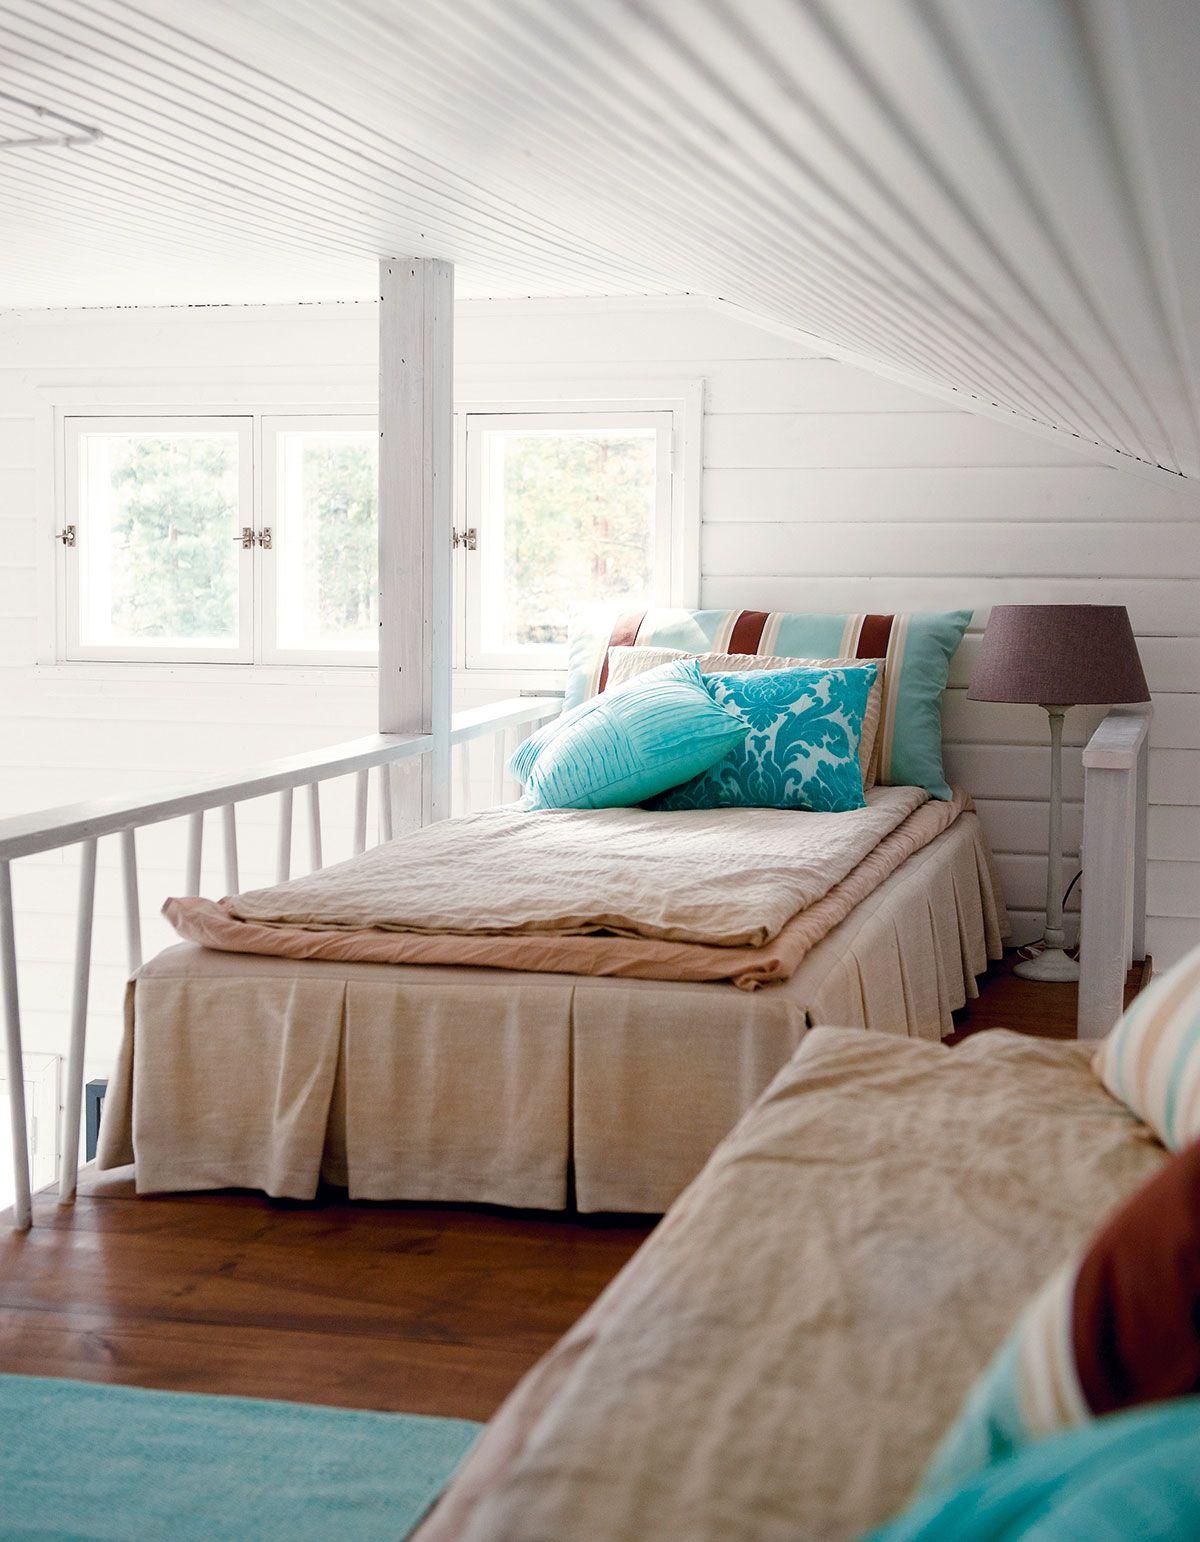 Nukkumapaikat sijaitsevat parvella. Pia teetti sänkyihin helmalakanat, jotta näkymä alhaalta parvelle on siistin ja huolitellun näköinen.